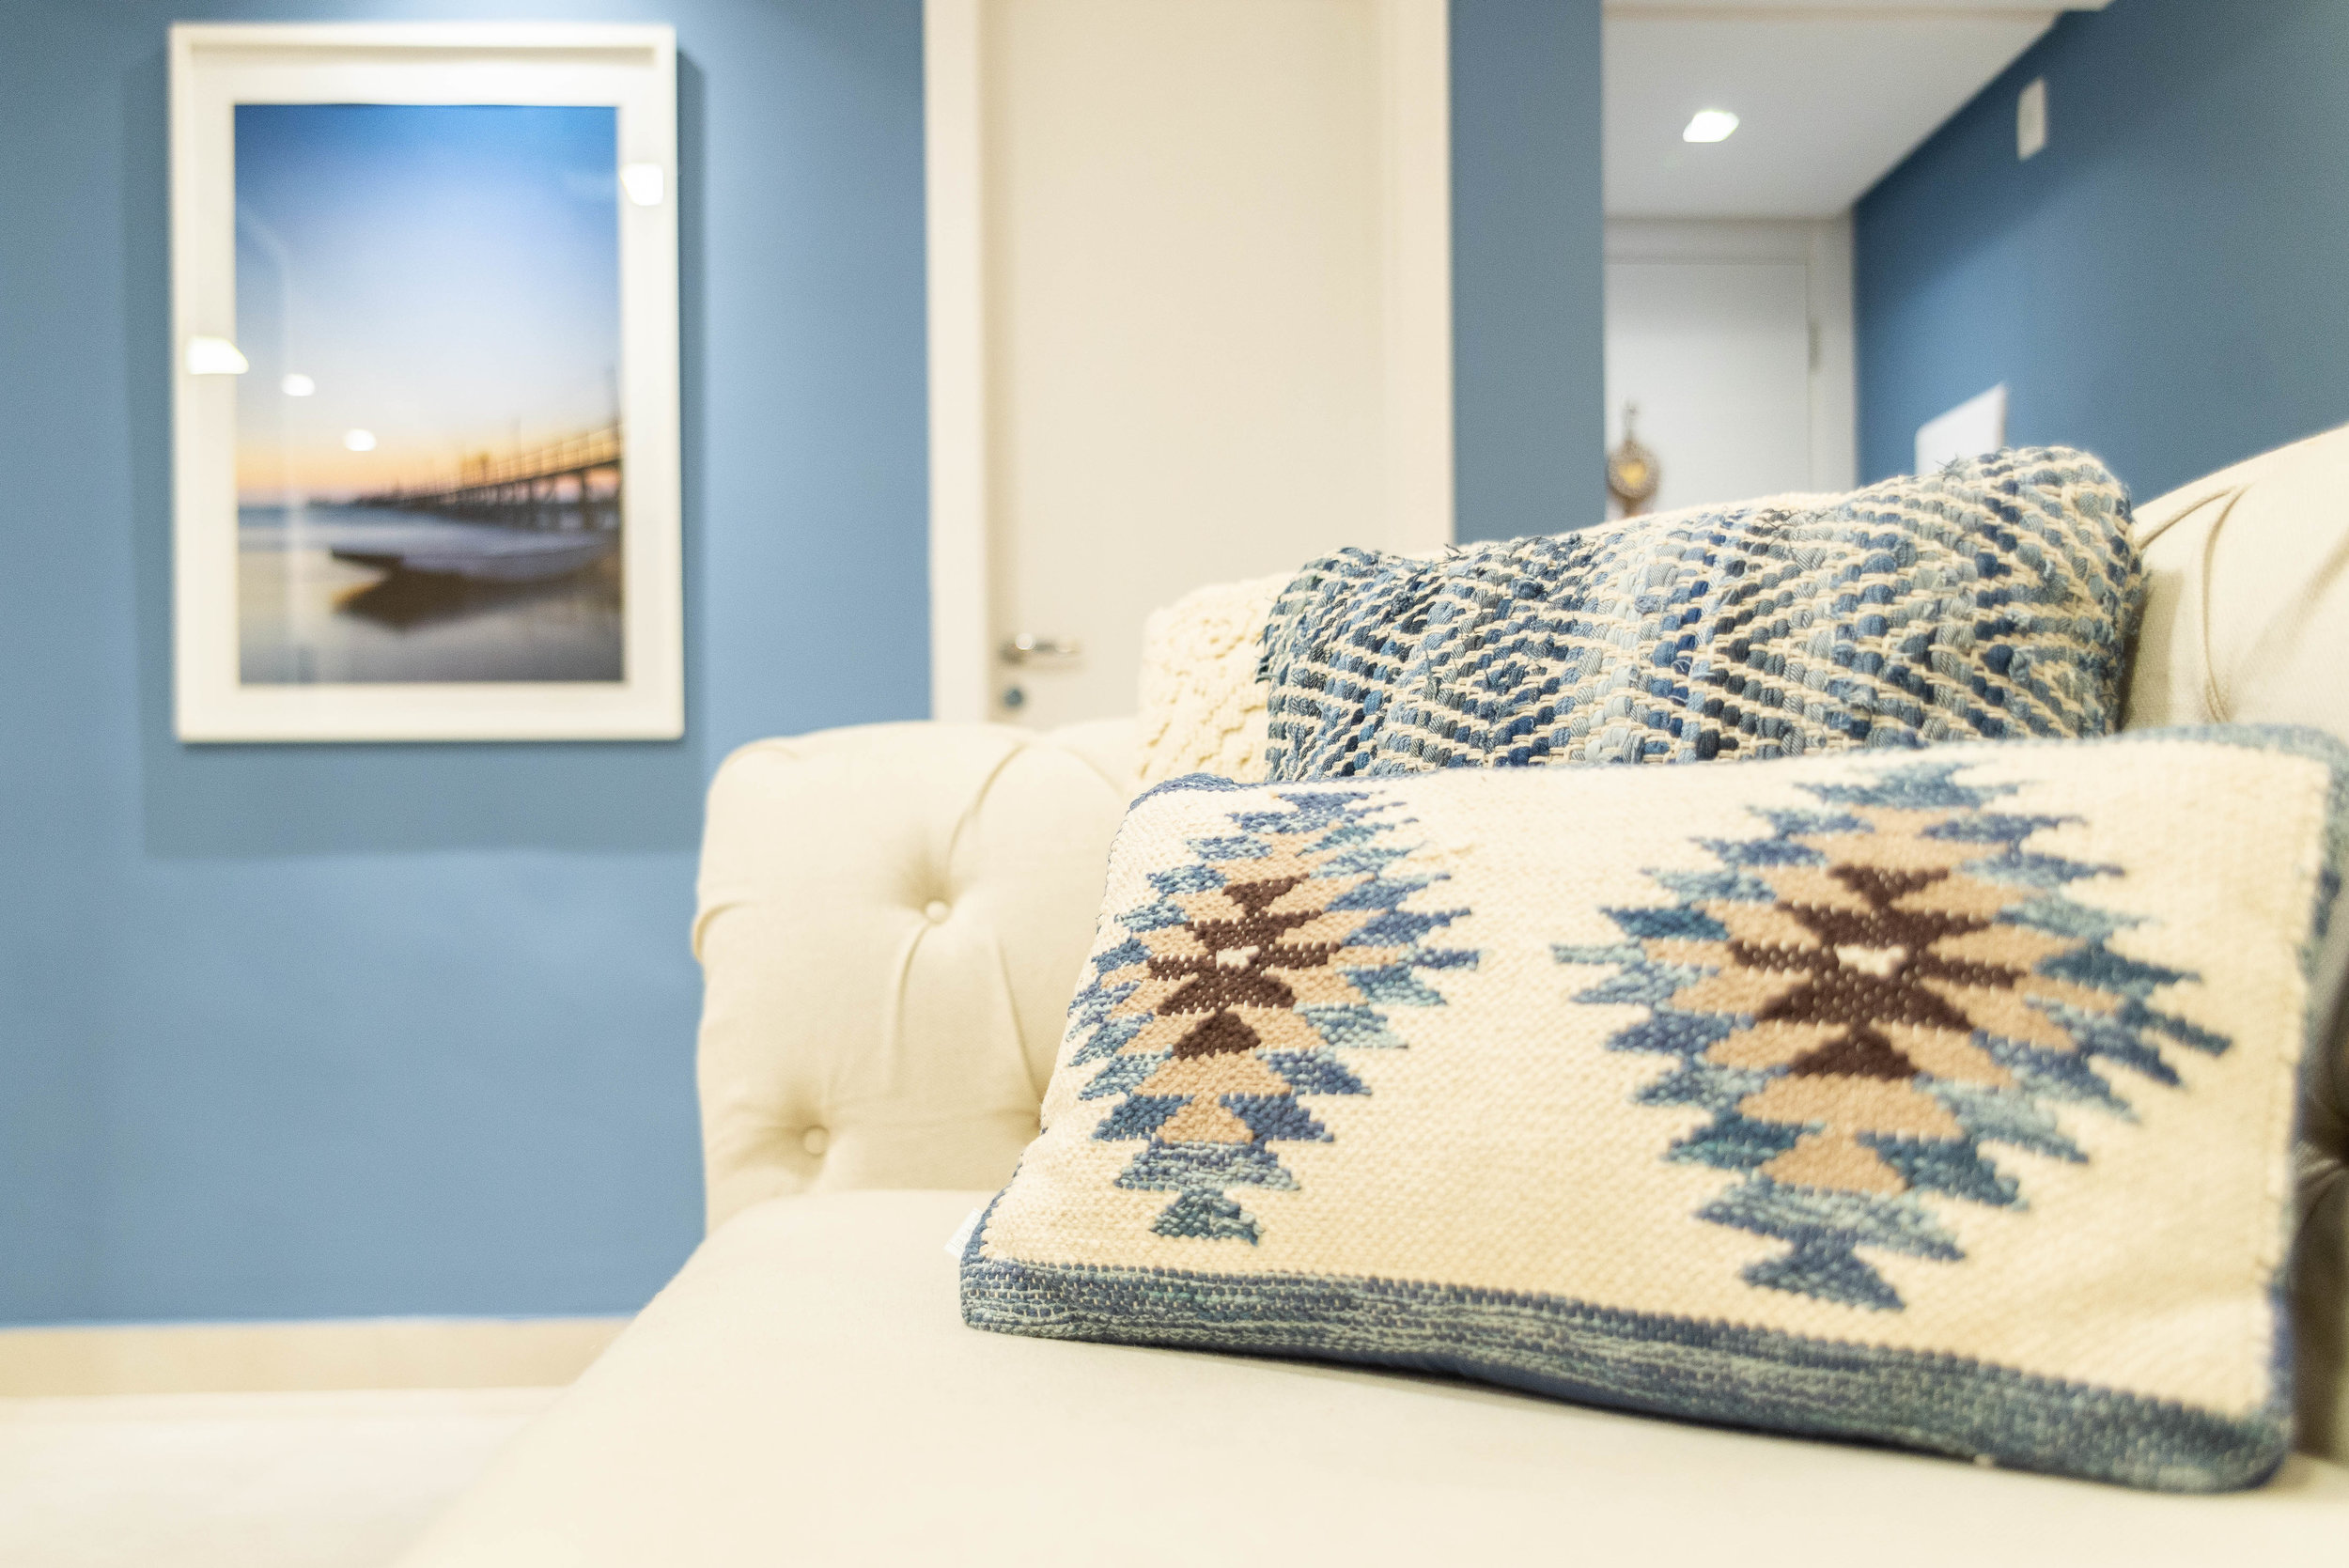 projeto-arquitetonico-luciananilton-duo-arquitetura-apartamentos-praia-019.jpg